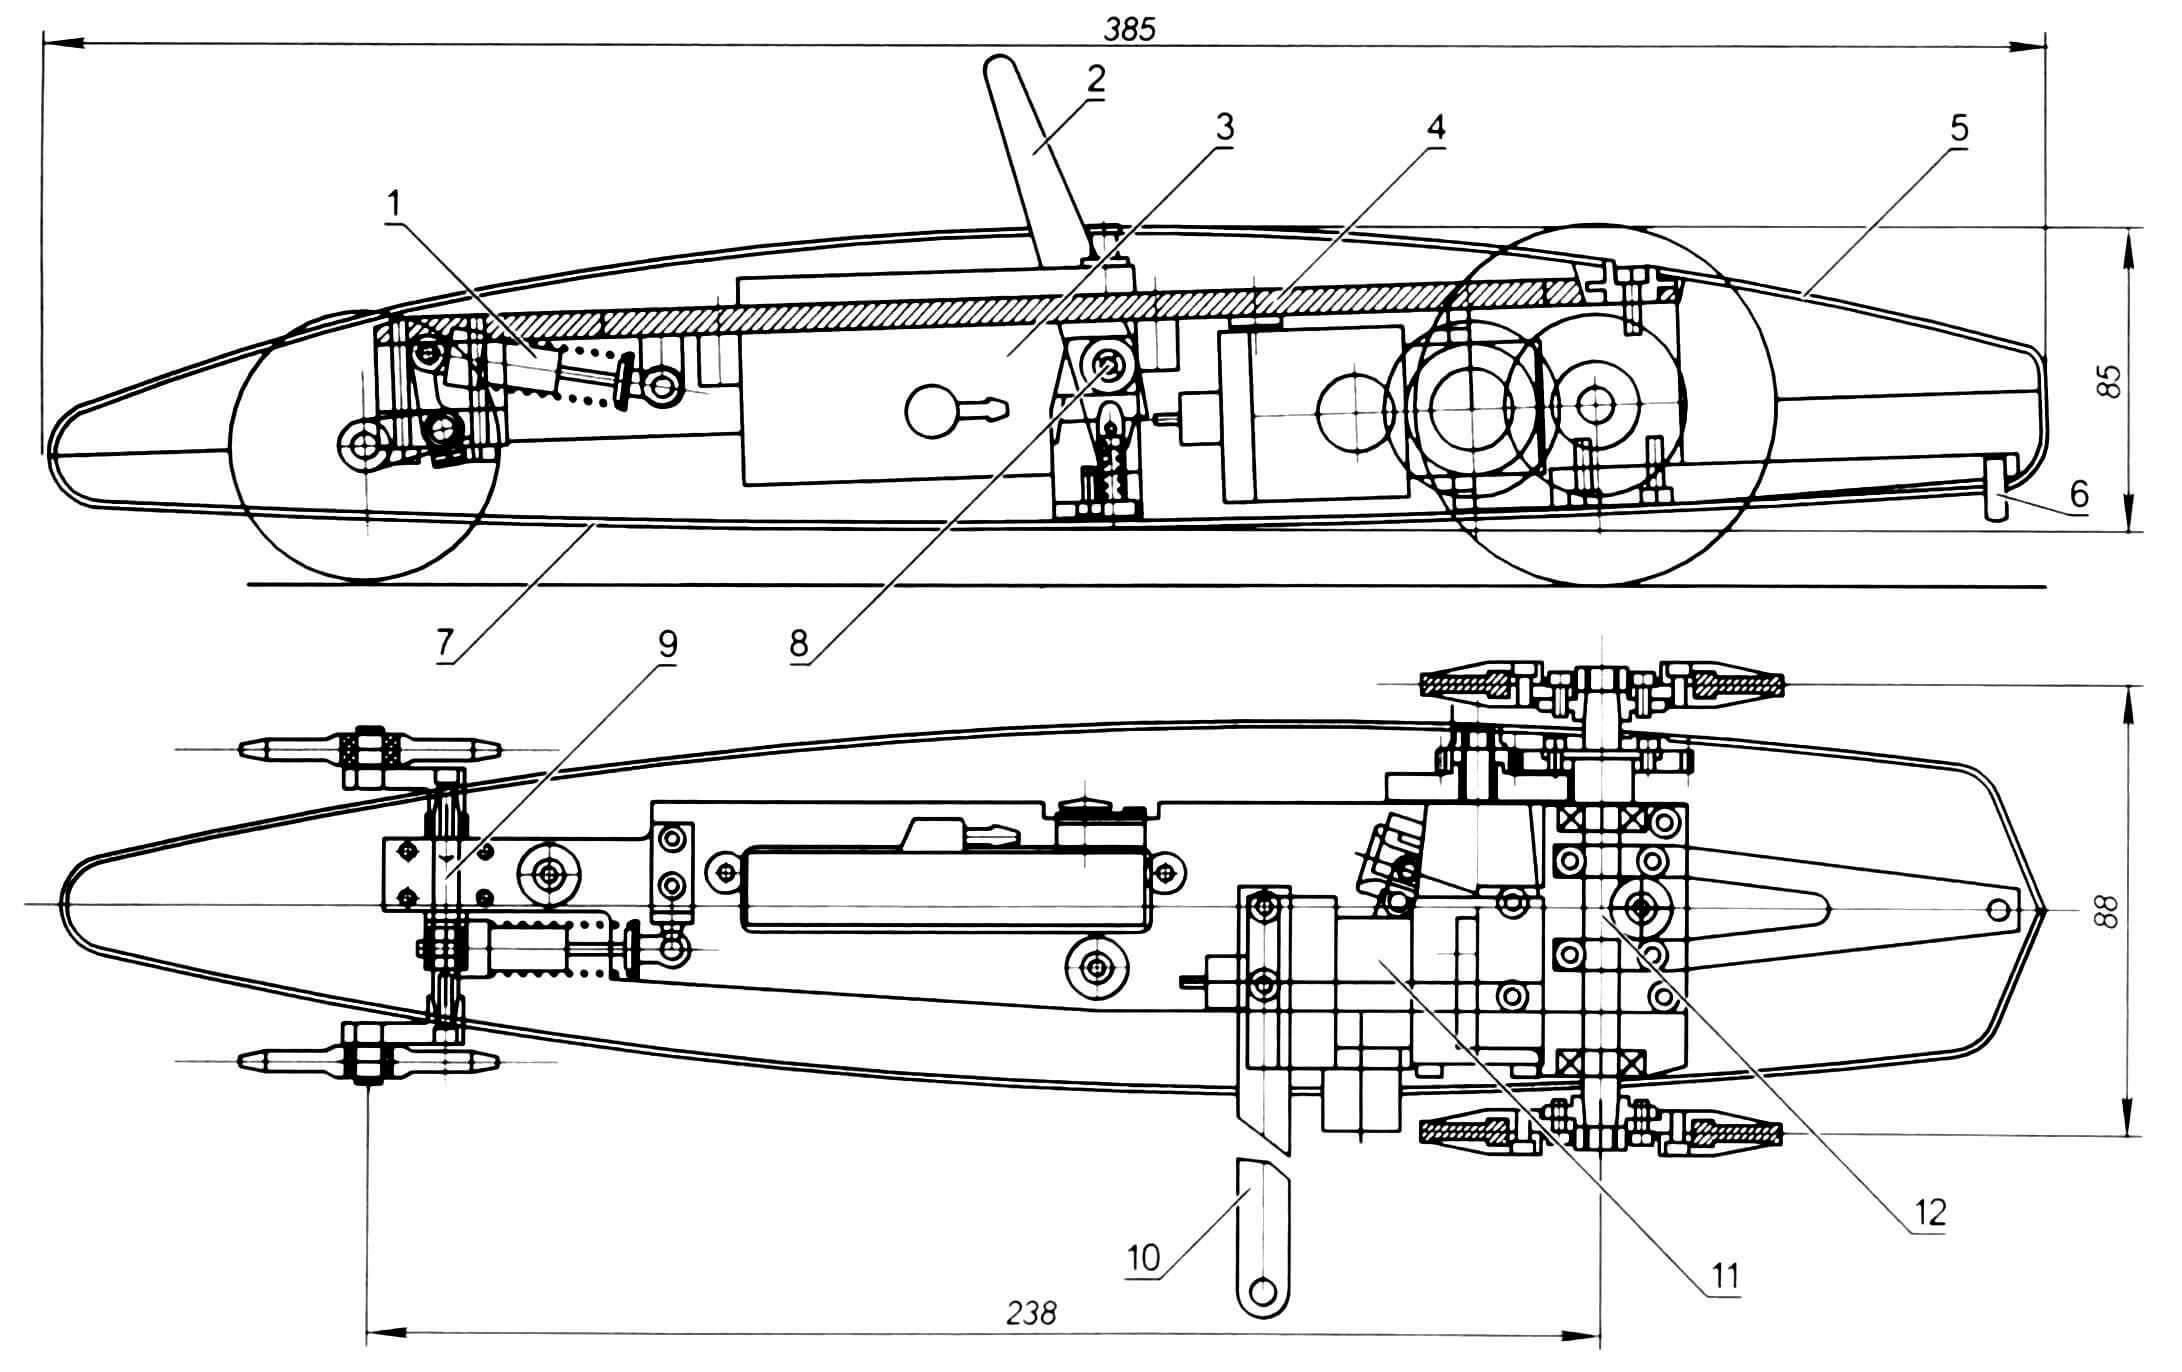 Автомодель Junior 2.1: 1 - амортизатор переднего моста; 2 - «антенна» остановочного устройства; 3 - топливный бак; 4 - моторная рама; 5 - верхний обтекатель; 6 - «шпора» (антиопрокидывающее устройство); 7 - нижний обтекатель; 8 - остановочное устройство; 9 - передний мост; 10 - кордовая планка; 11 - двигатель; 12 - задний мост с редуктором